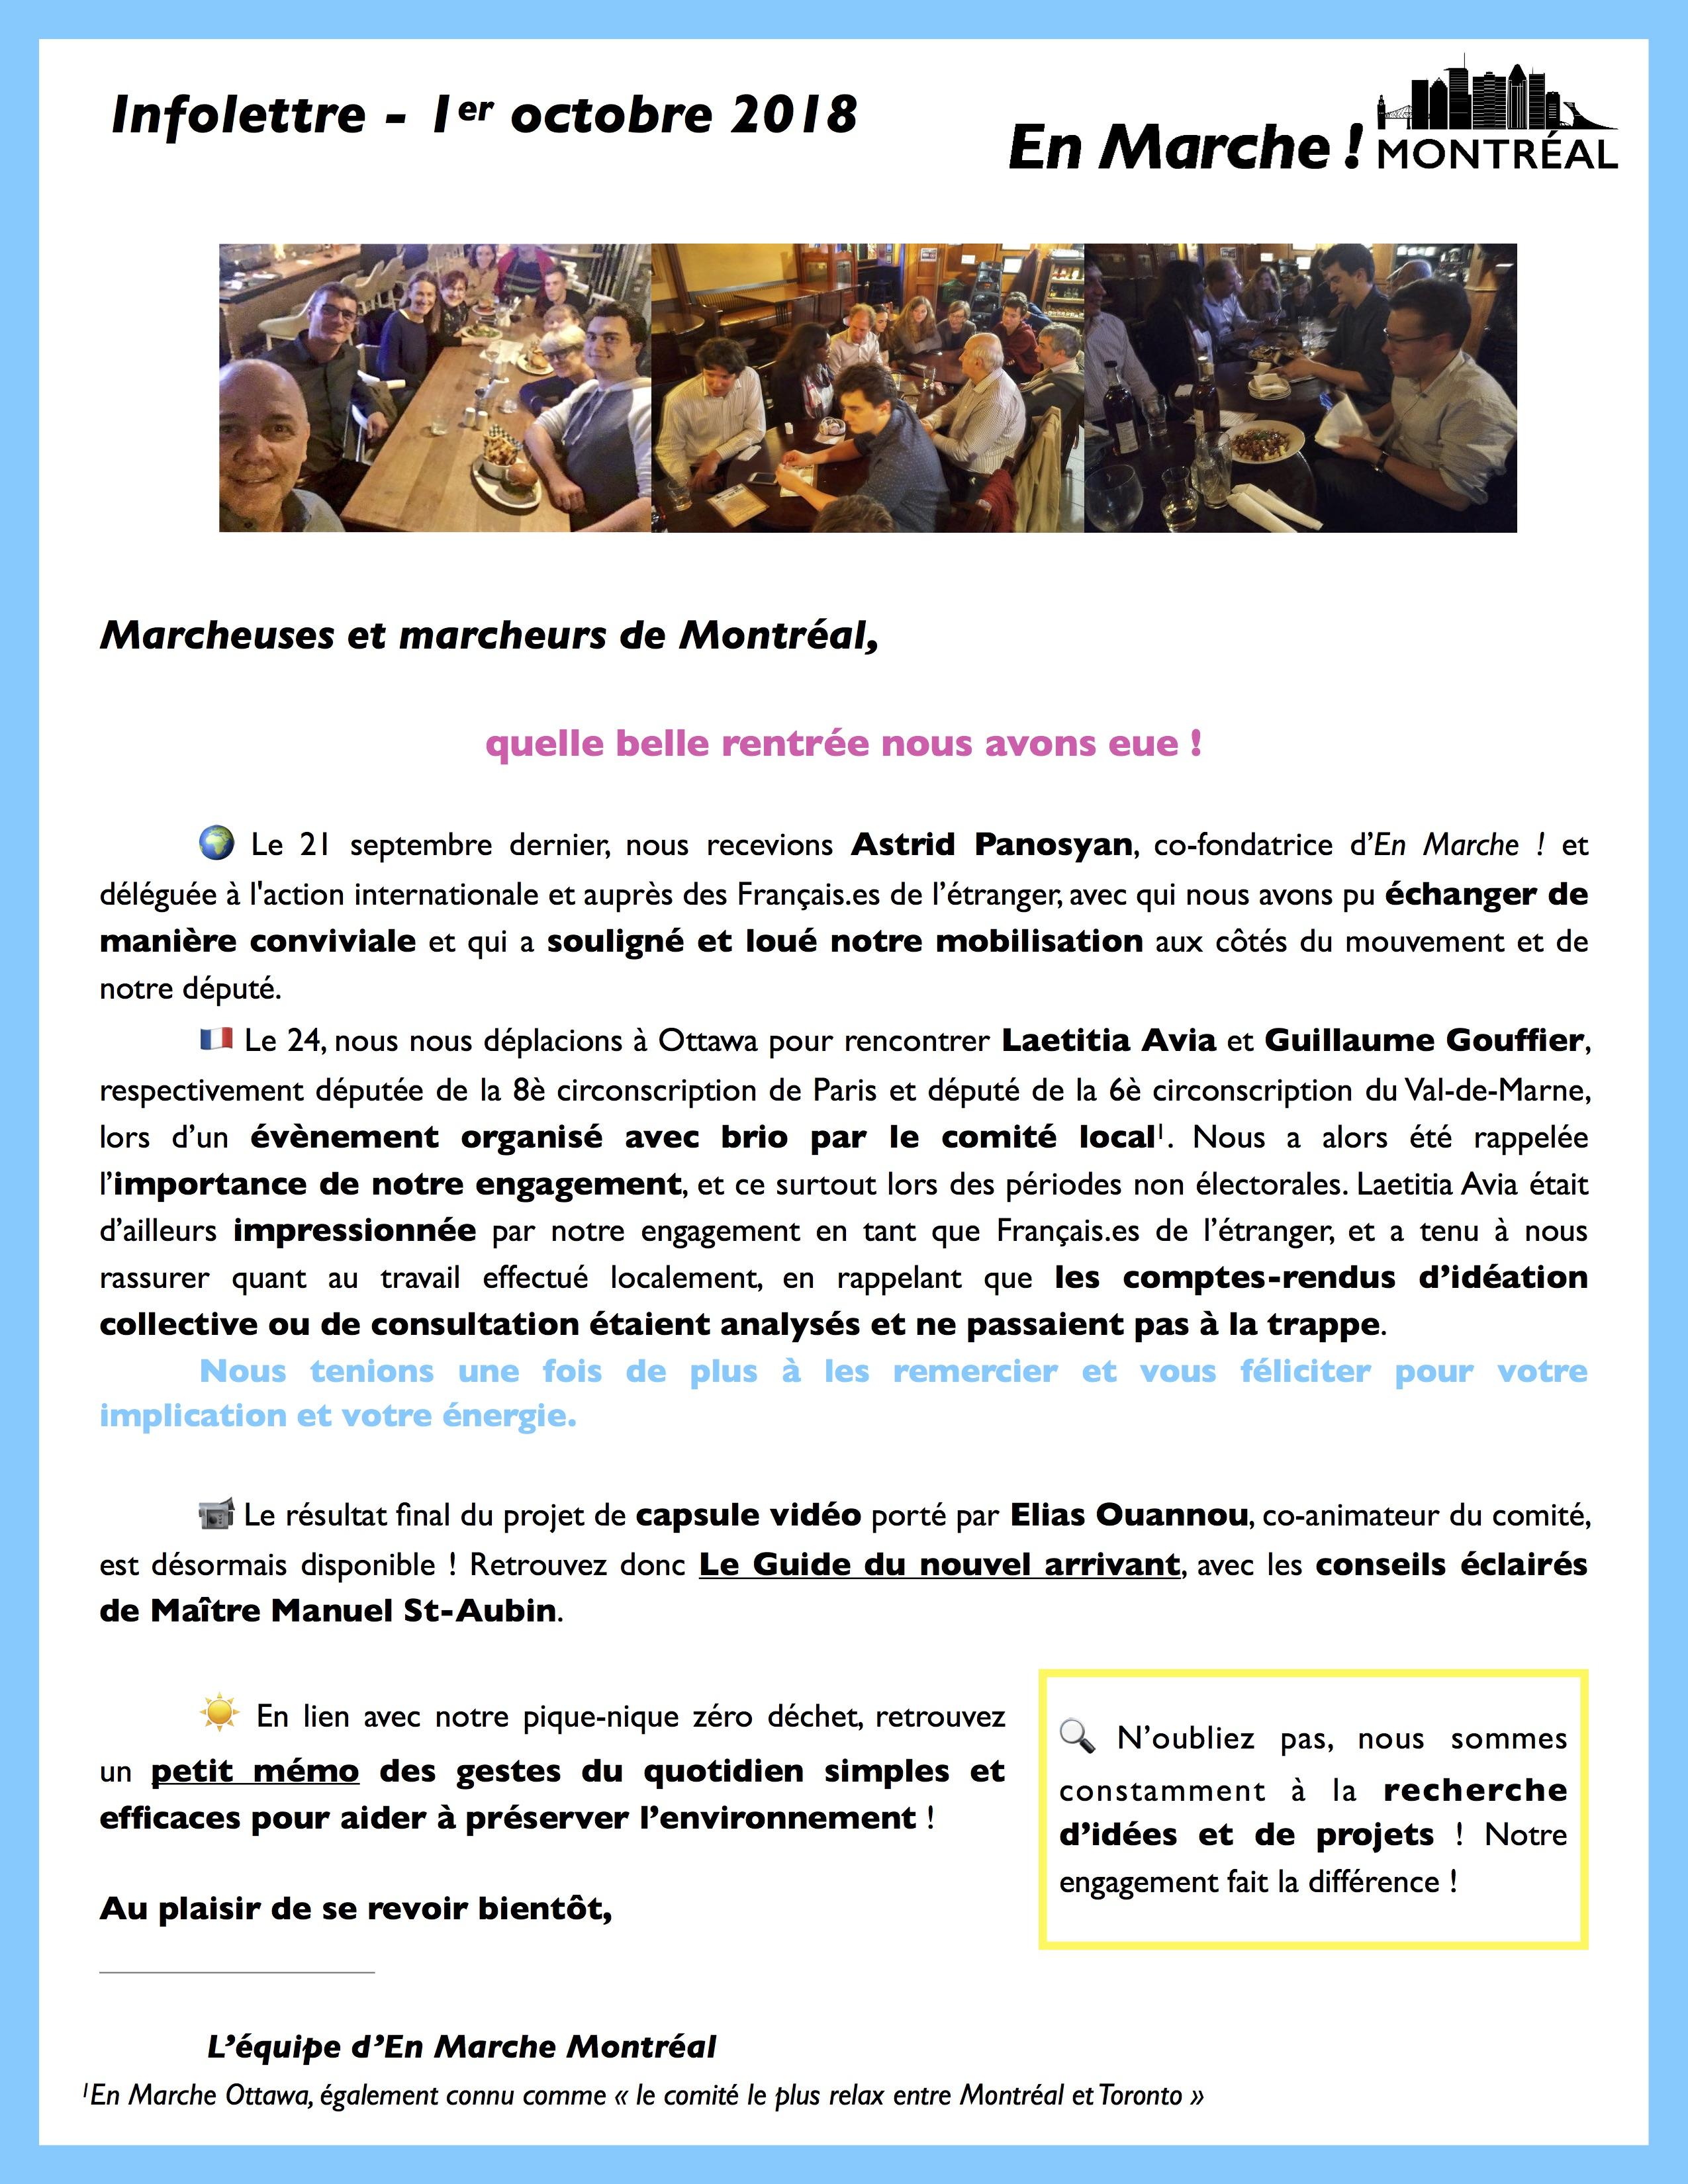 [Comité Local] Infolettre Montréal octobre 2018